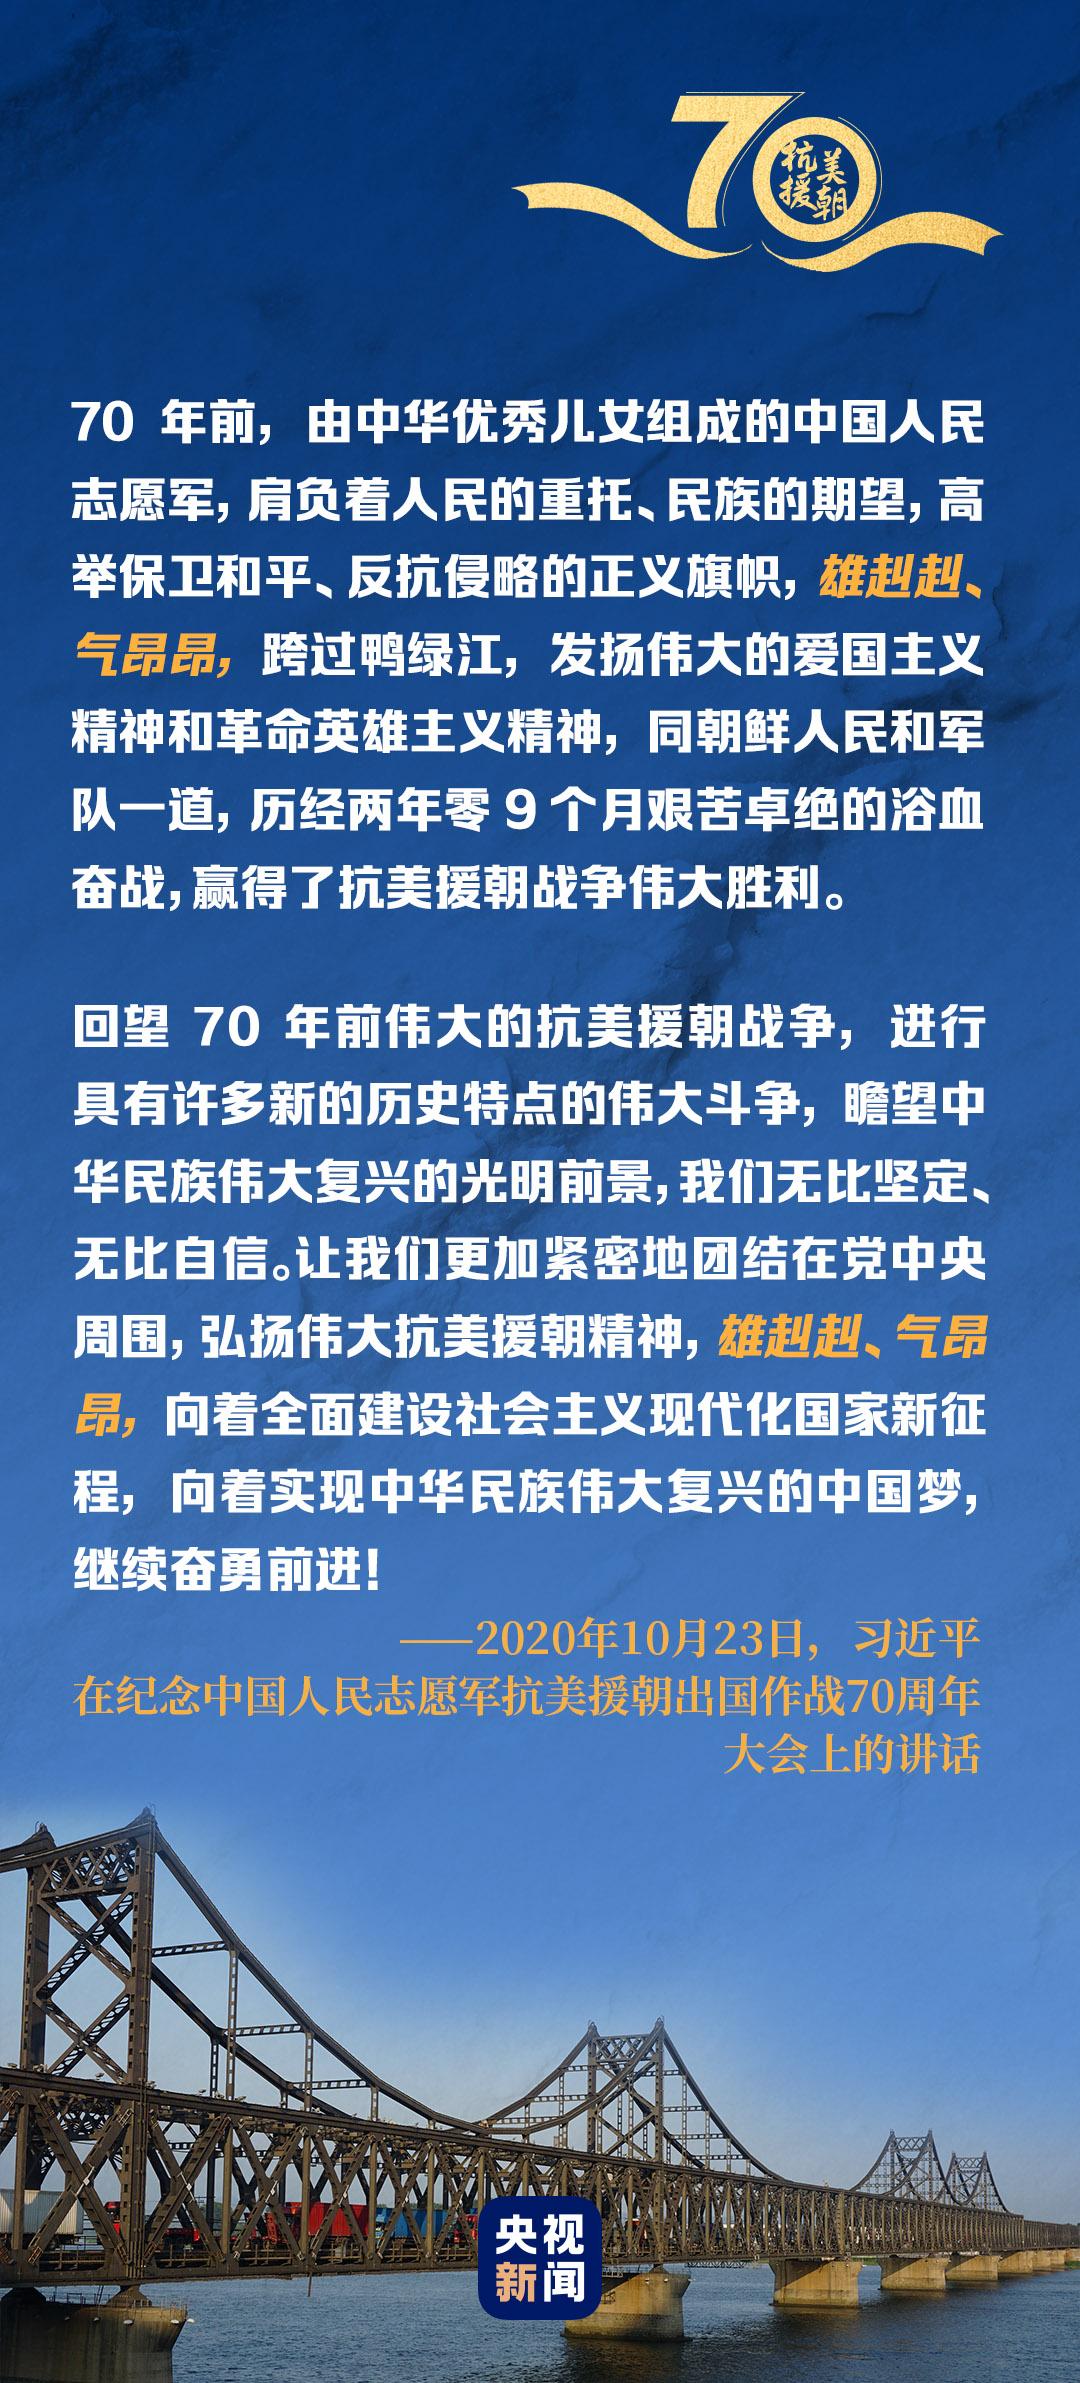 雄赳赳、气昂昂,读懂这篇重要讲话蕴含的中国力量